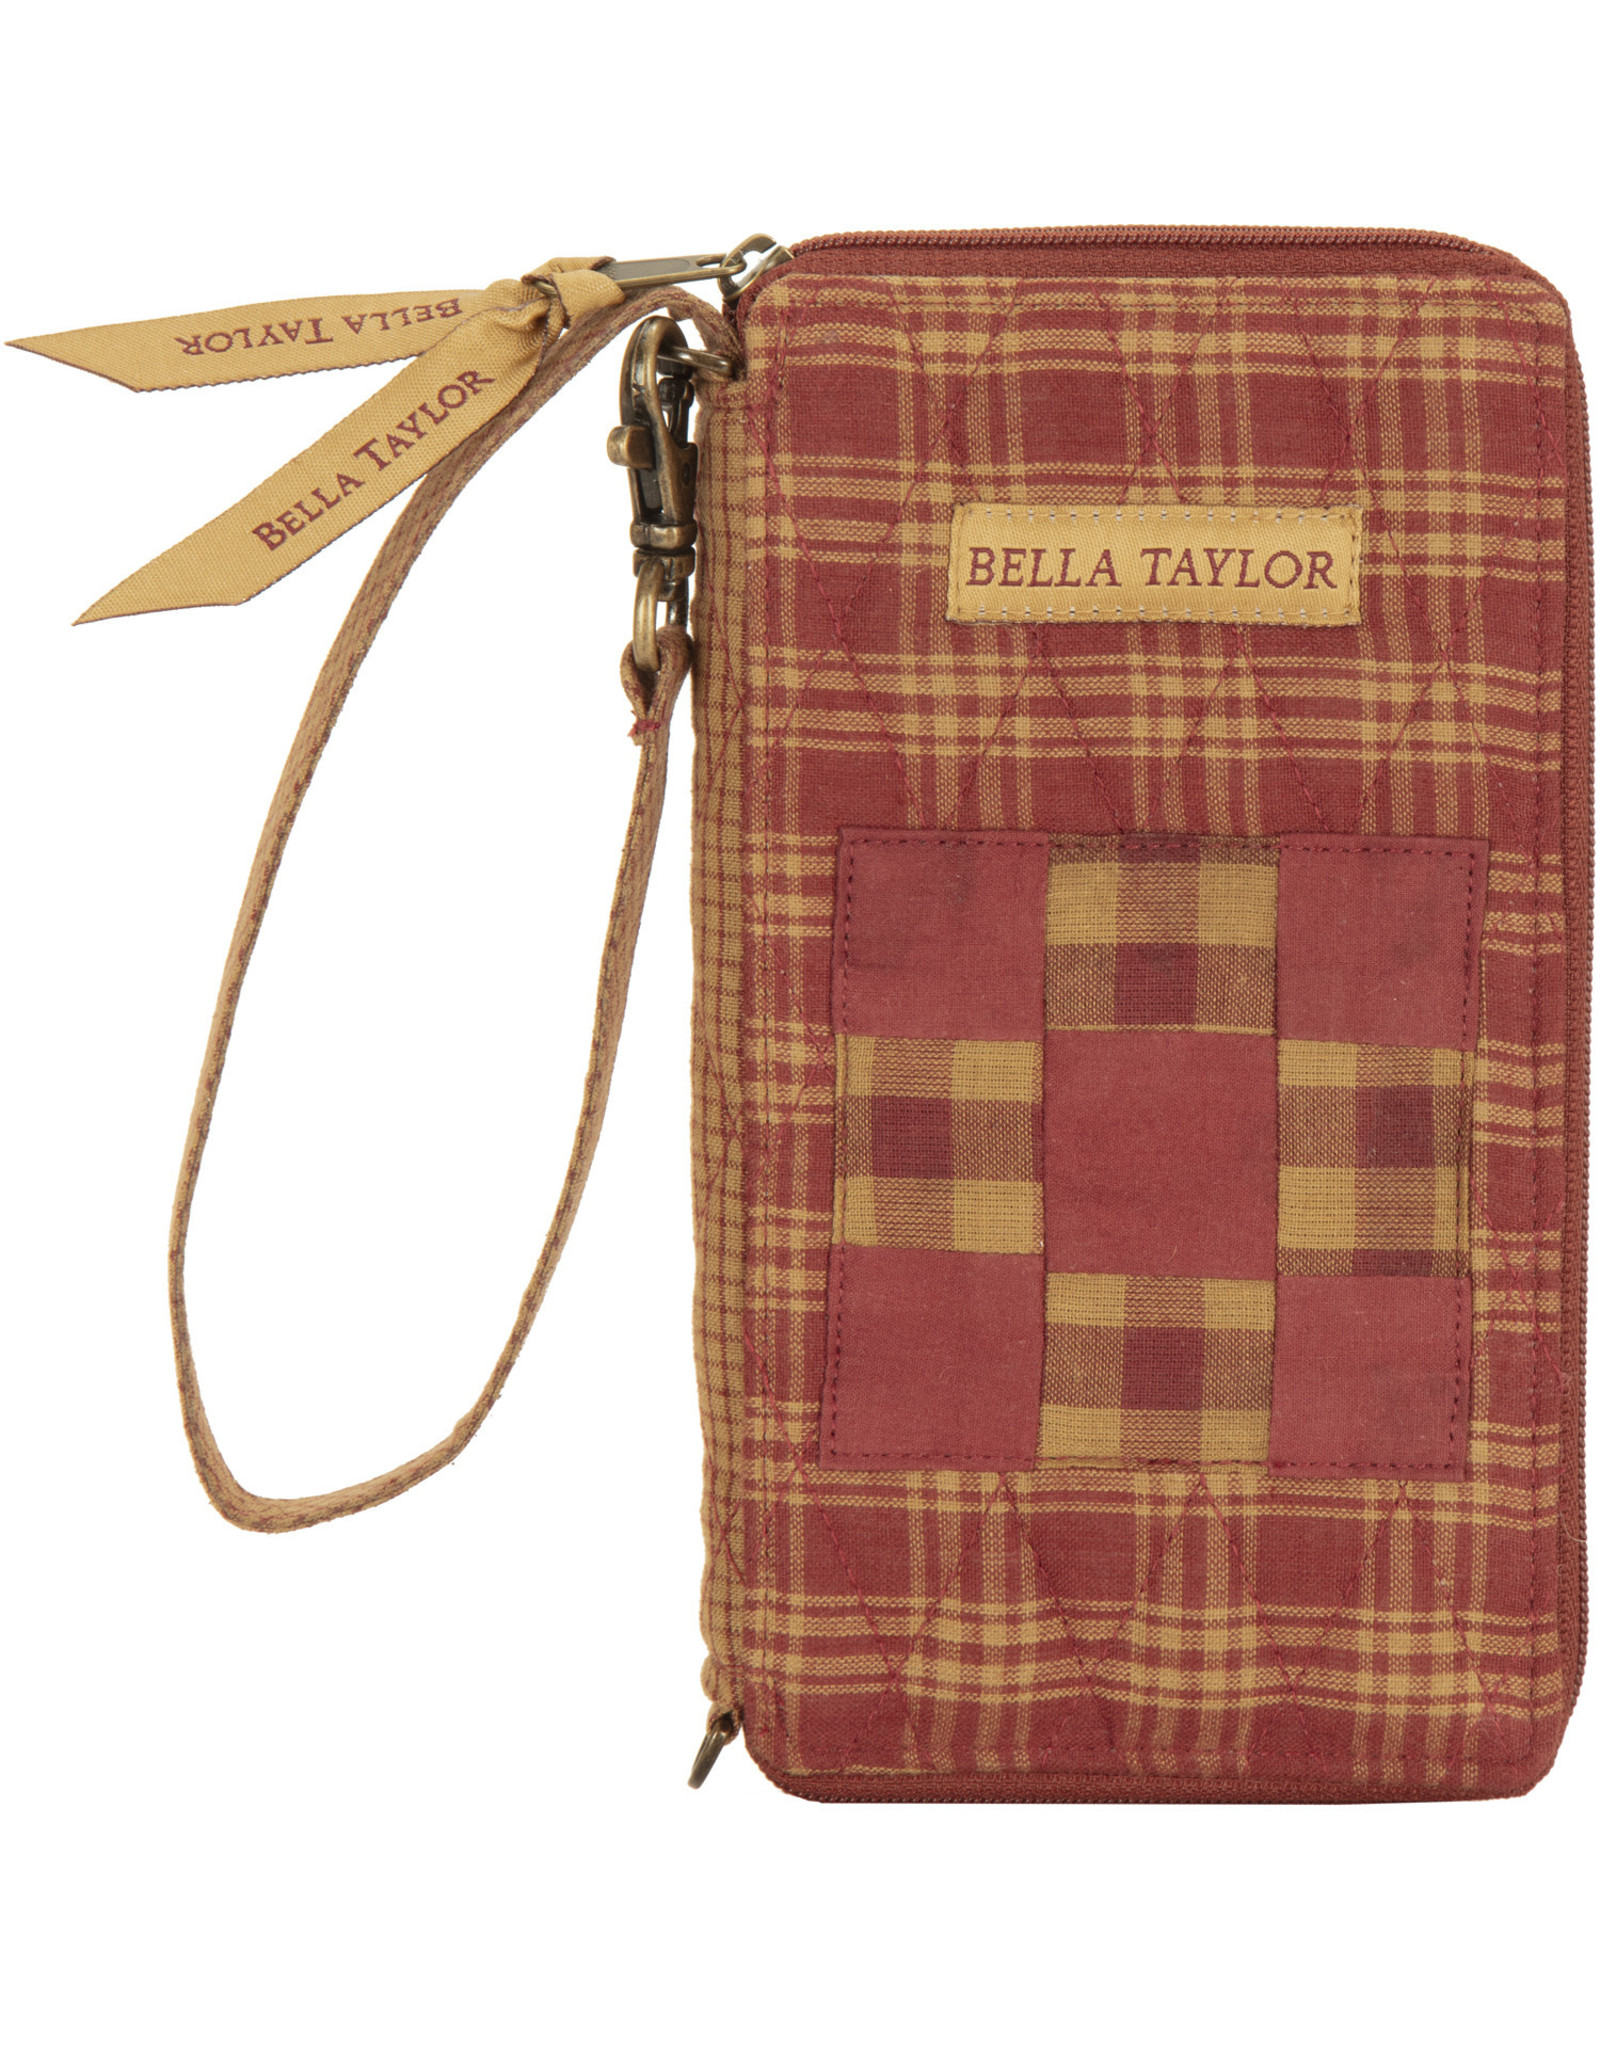 Bella Taylor Ninepatch Star - Modern Wristlet Wallet